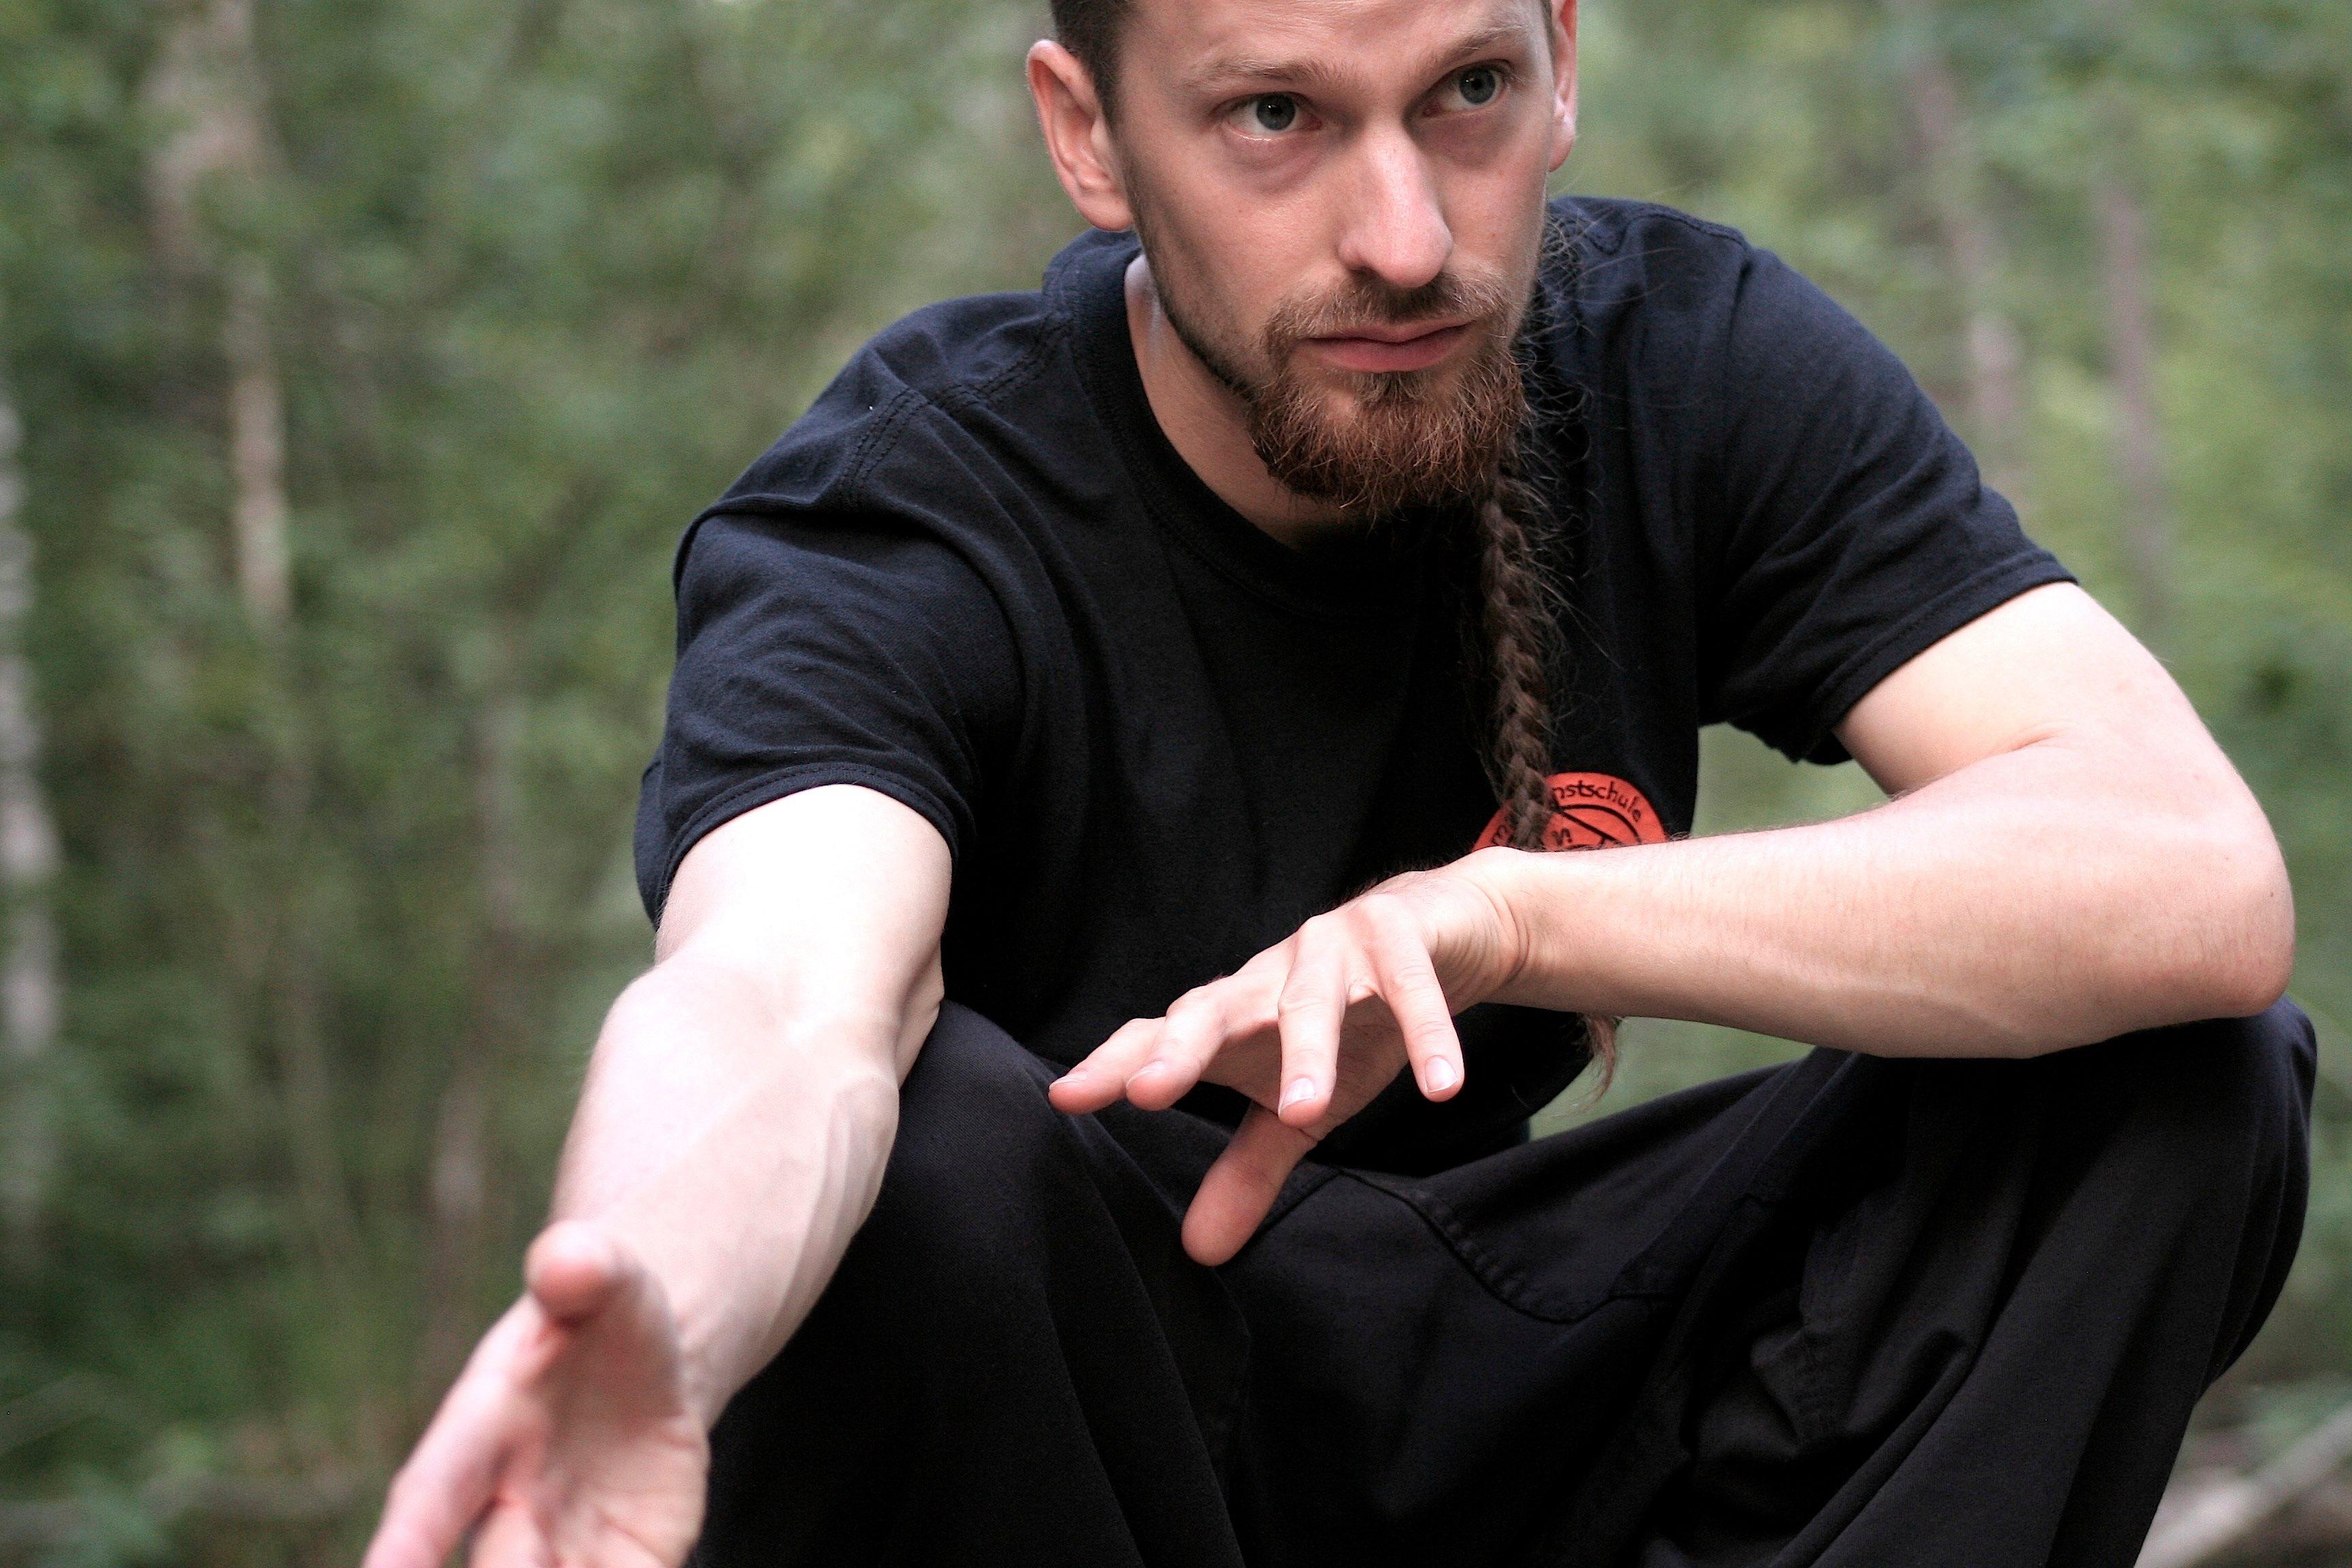 Stefan Wunsch